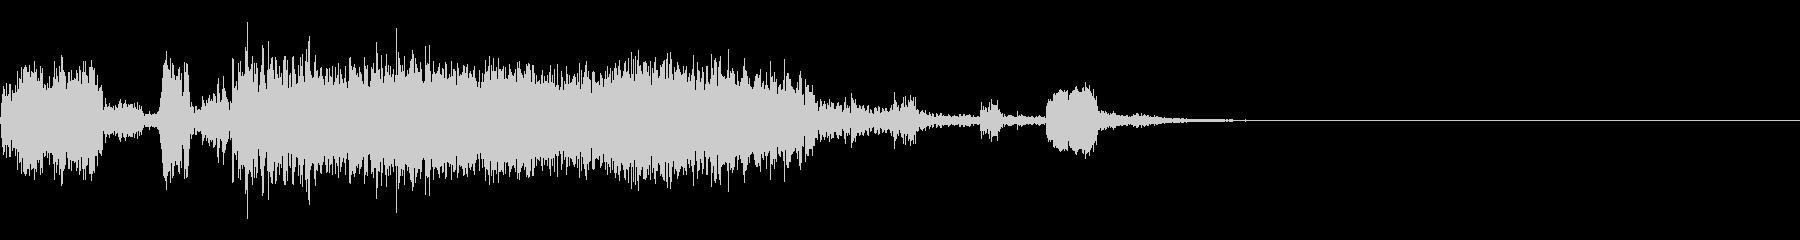 スパーク音-30の未再生の波形